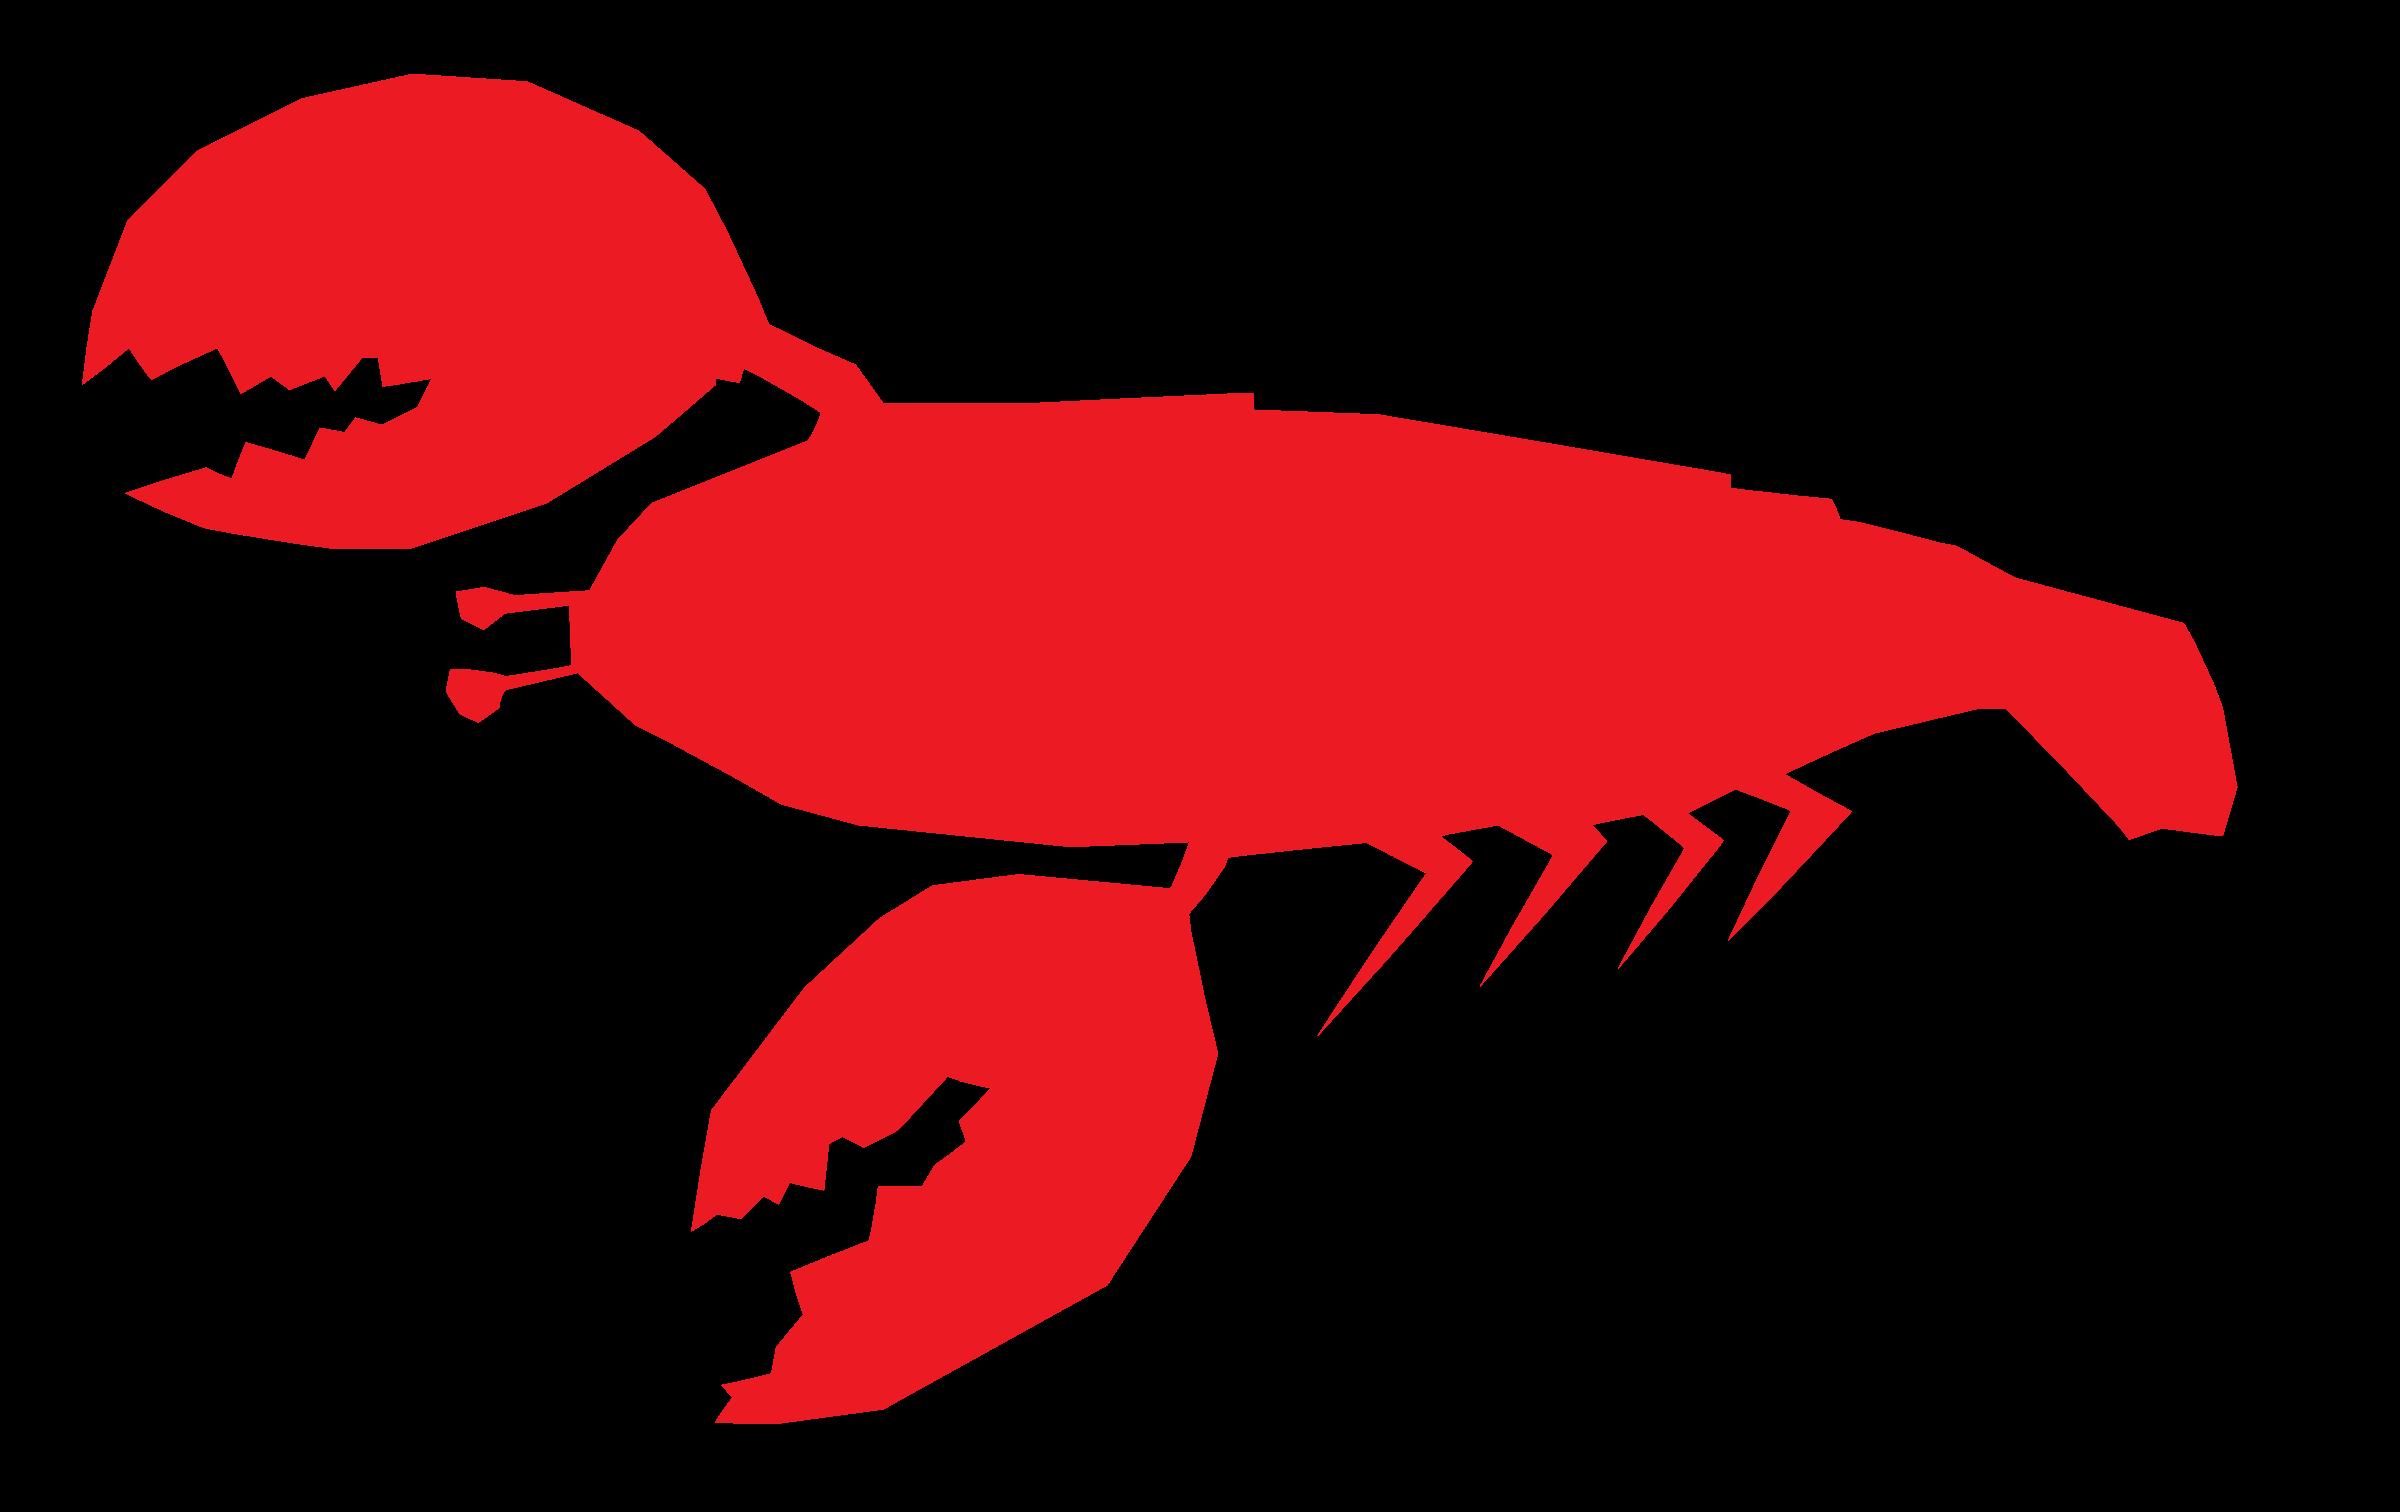 Lobster clipart cartoon, Lobster cartoon Transparent FREE.